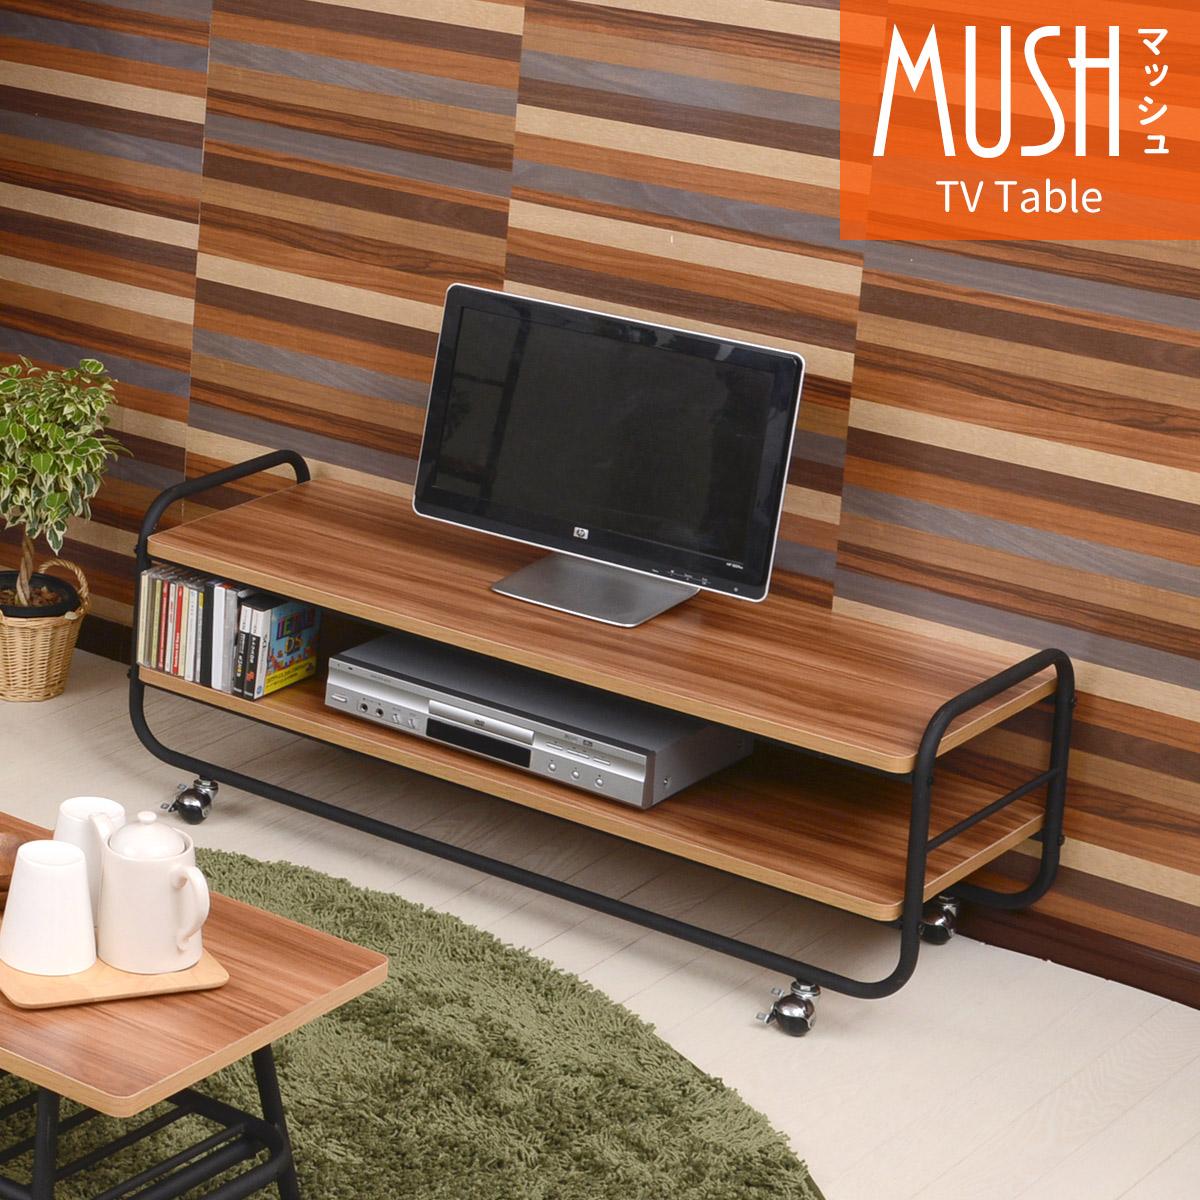 【送料無料】 【メーカー直送・代引不可】MUSH テレビ台兼テーブル